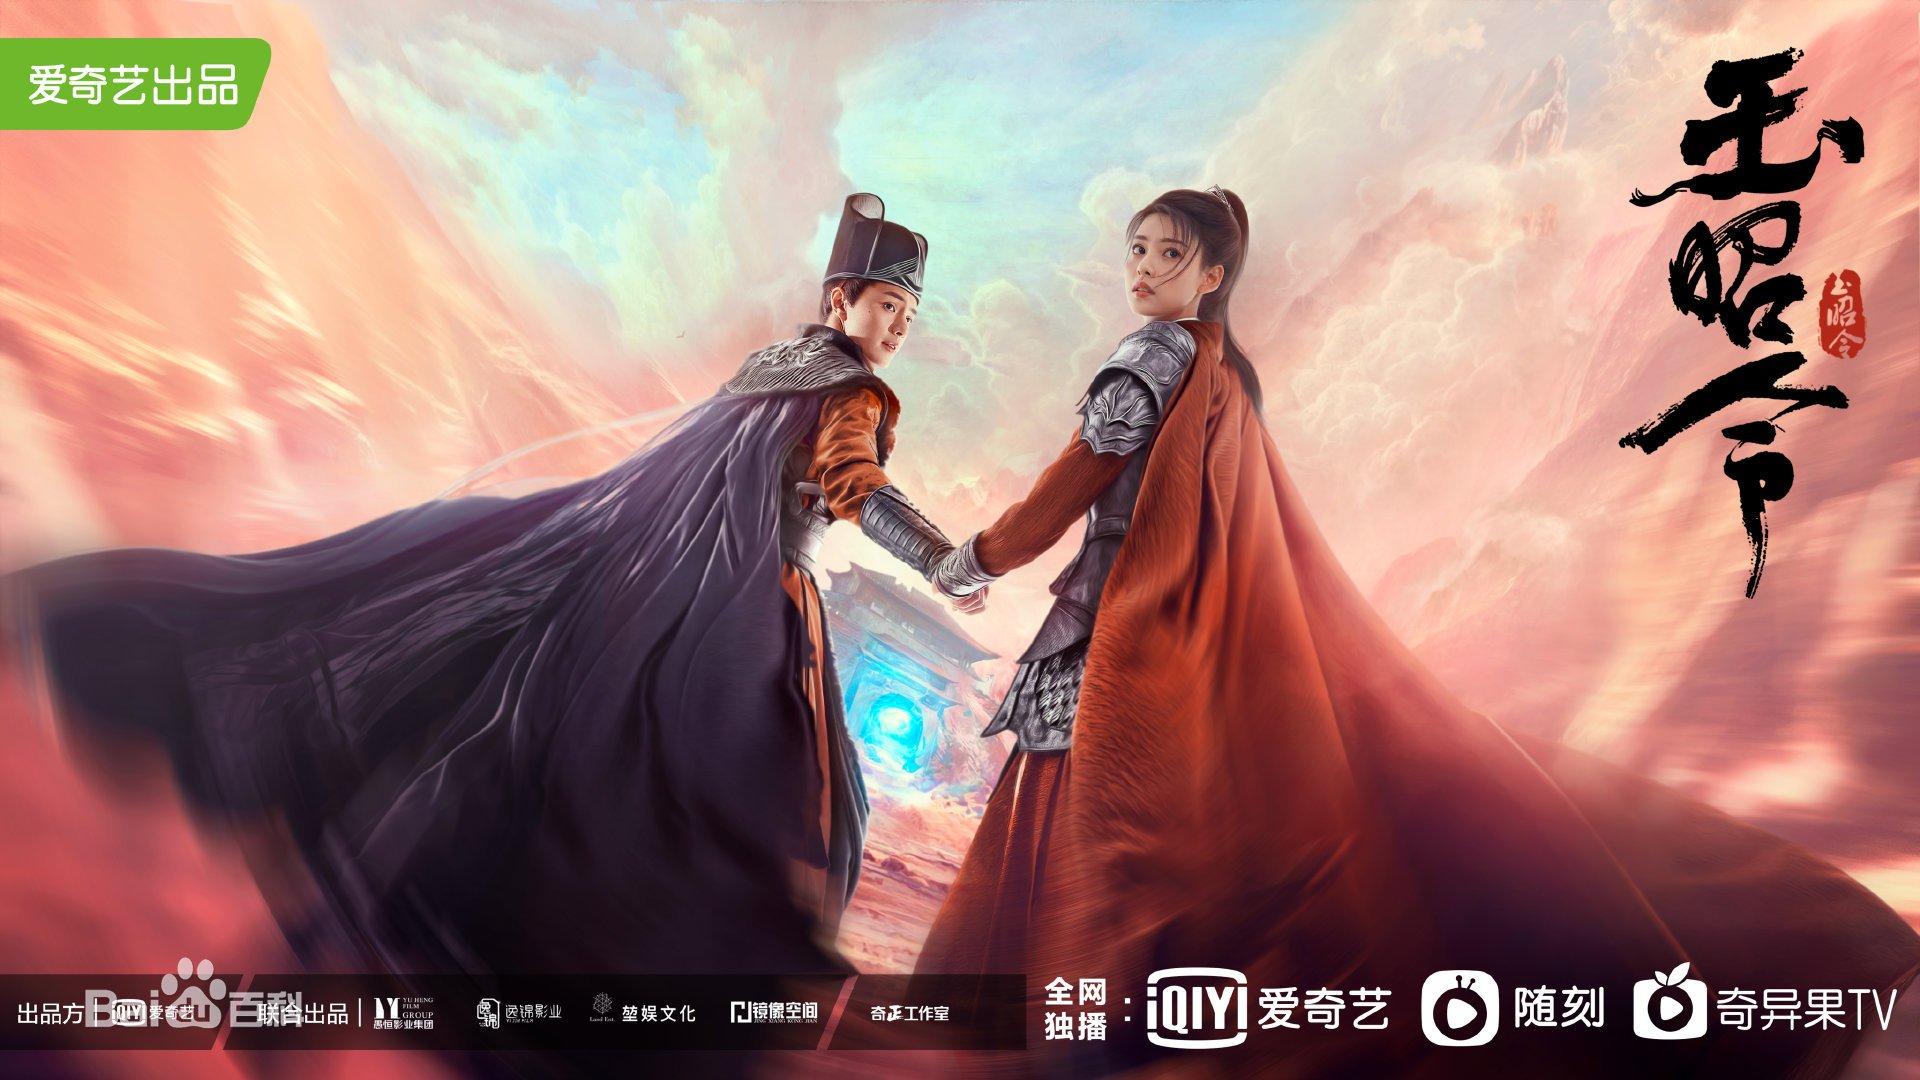 ซีรีย์จีนน่าดู 2021